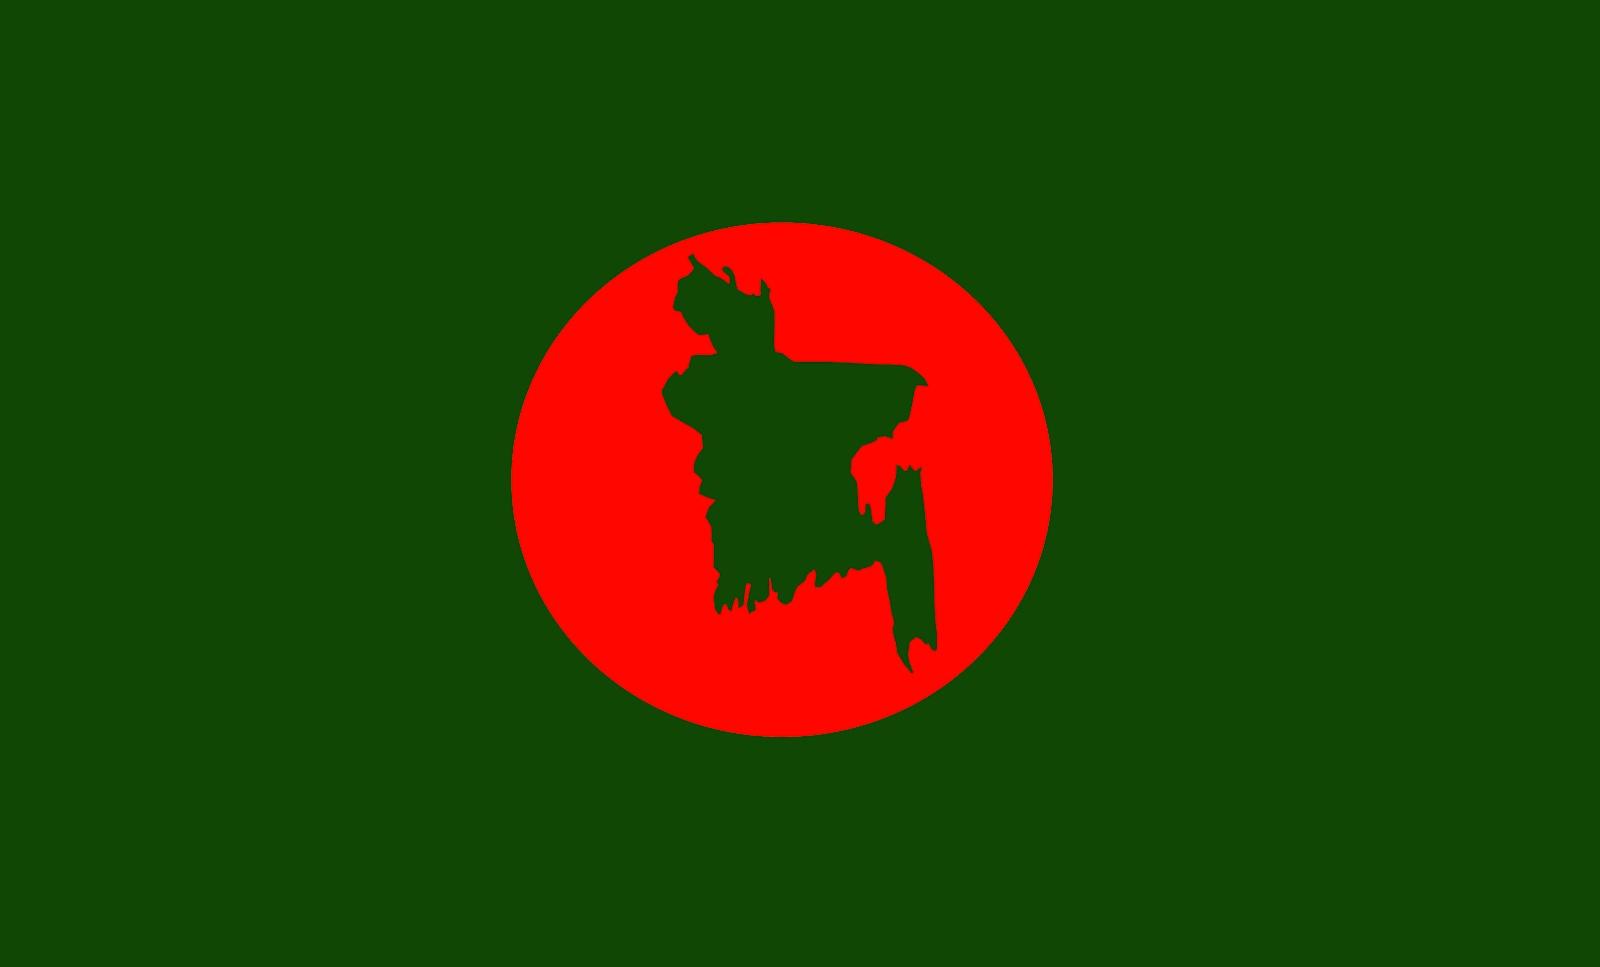 http://3.bp.blogspot.com/-jf2CdmrmaXQ/T_tESrfr4qI/AAAAAAAAAEM/0fGoR_3Kpgo/s1600/Bangladesh+11.jpg